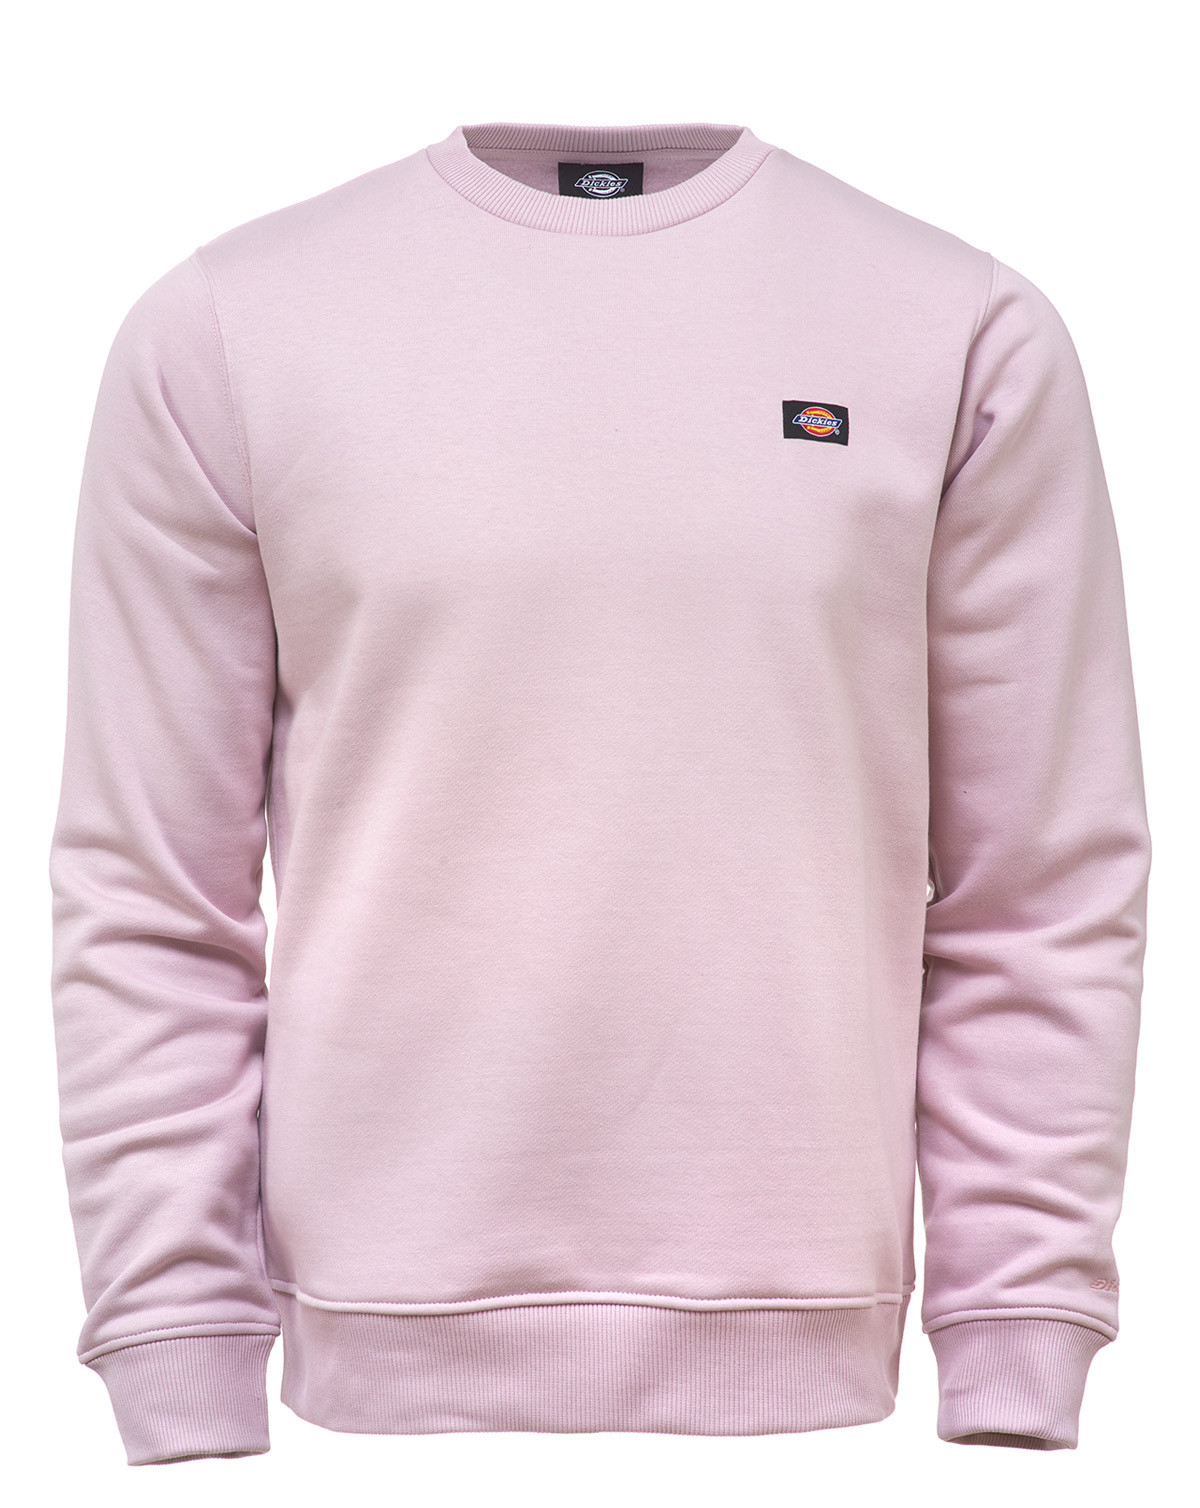 Köp Dickies New Jersey Sweatshirt   Enkel Retur   ARMY STAR